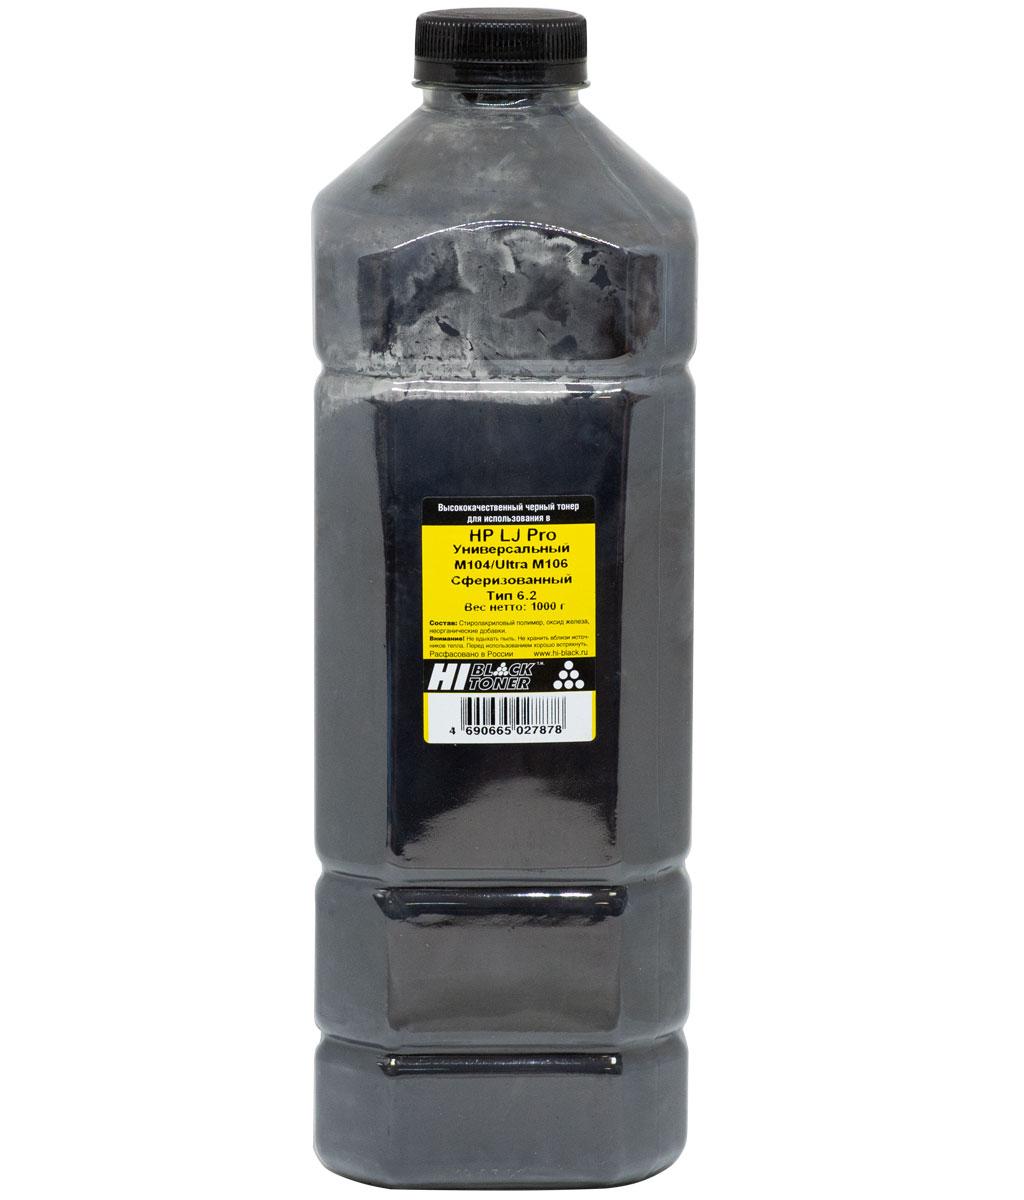 Тонер Hi-Black Универсальный для HP LJ Pro M104/Ultra M106, Сферизованный, Тип 6.2,Bk,1 кг, канистра